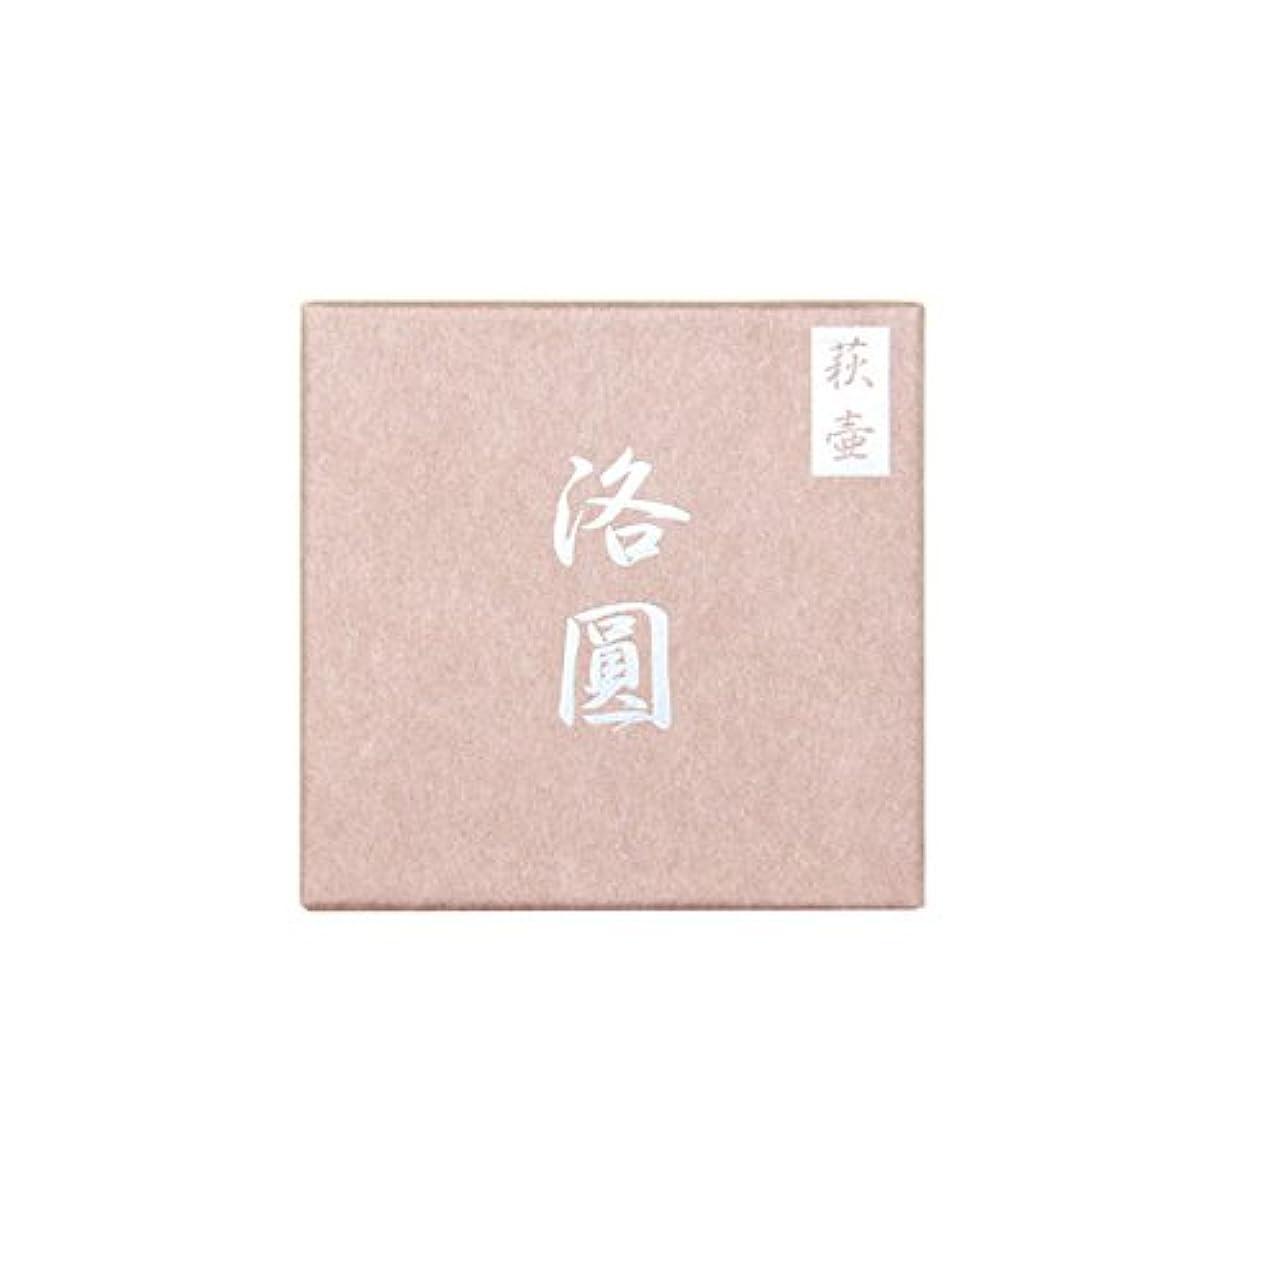 マングルバクテリア悲劇洛圓 萩壷 紙箱入